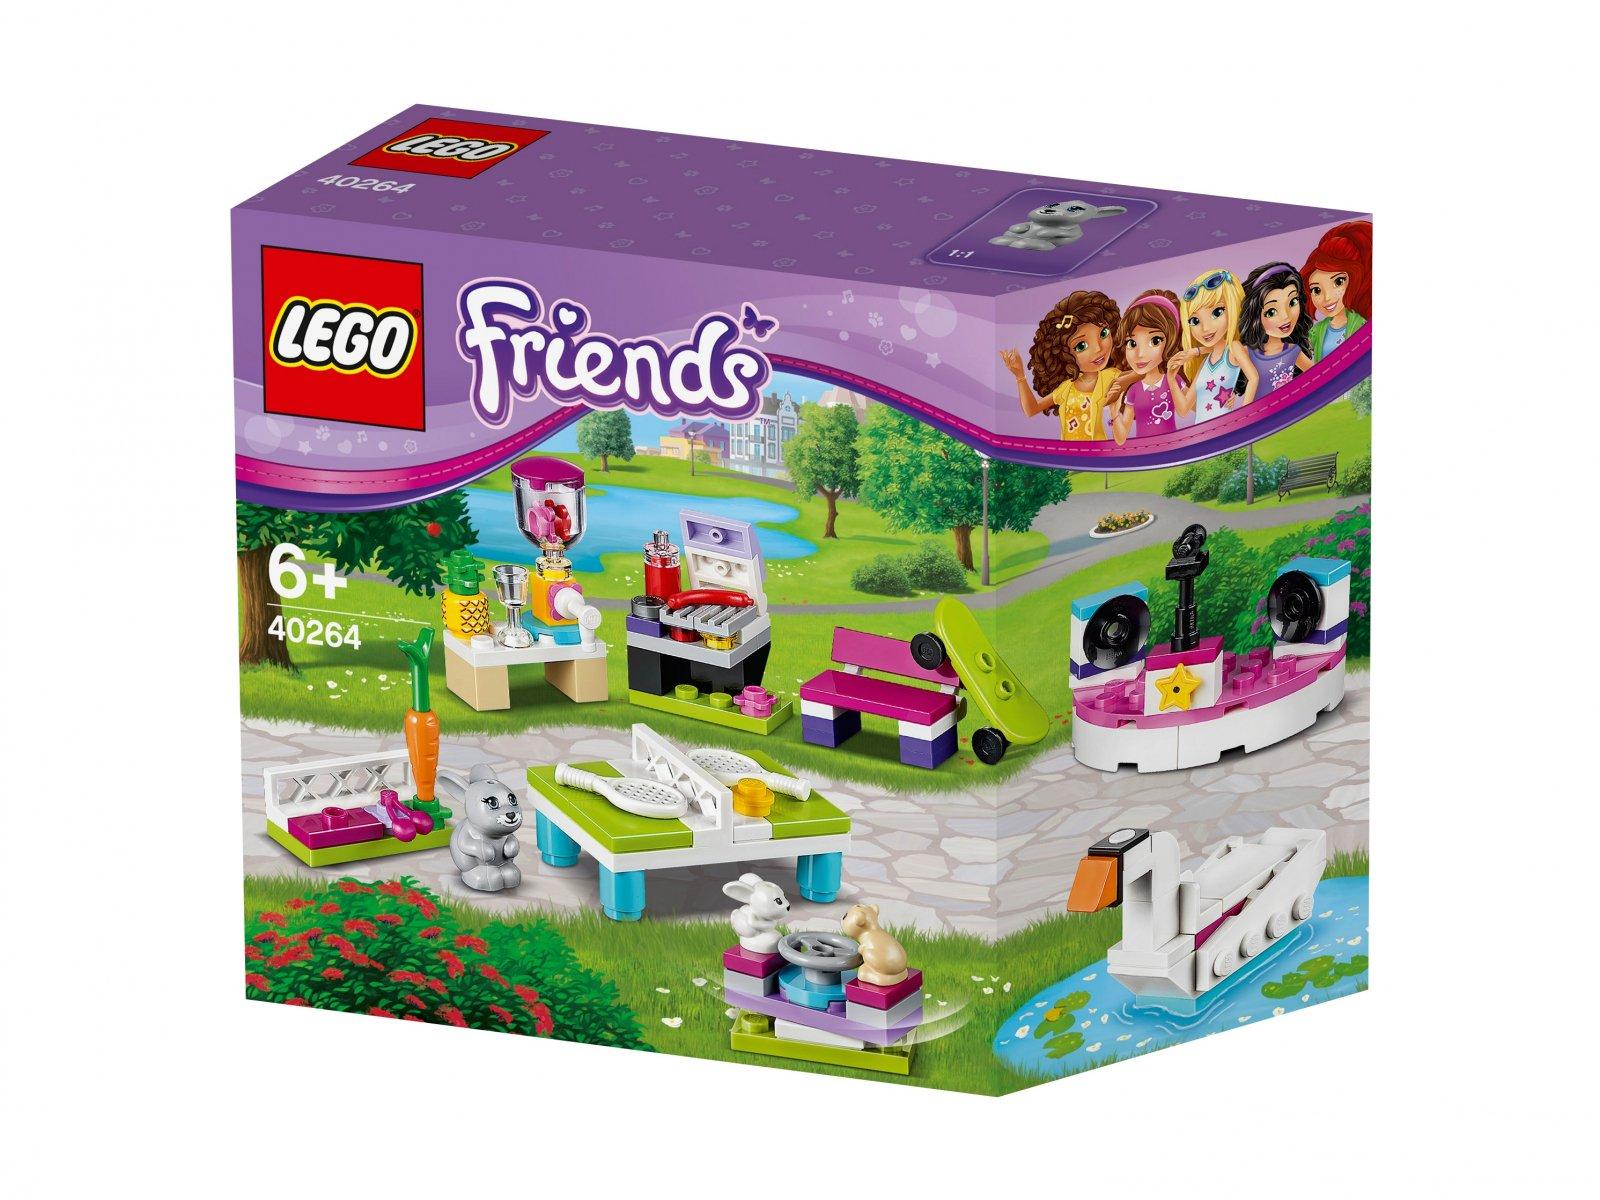 Lego 40264 Friends Zestaw Akcesoriów Zbuduj Własne Miasto Heartlake